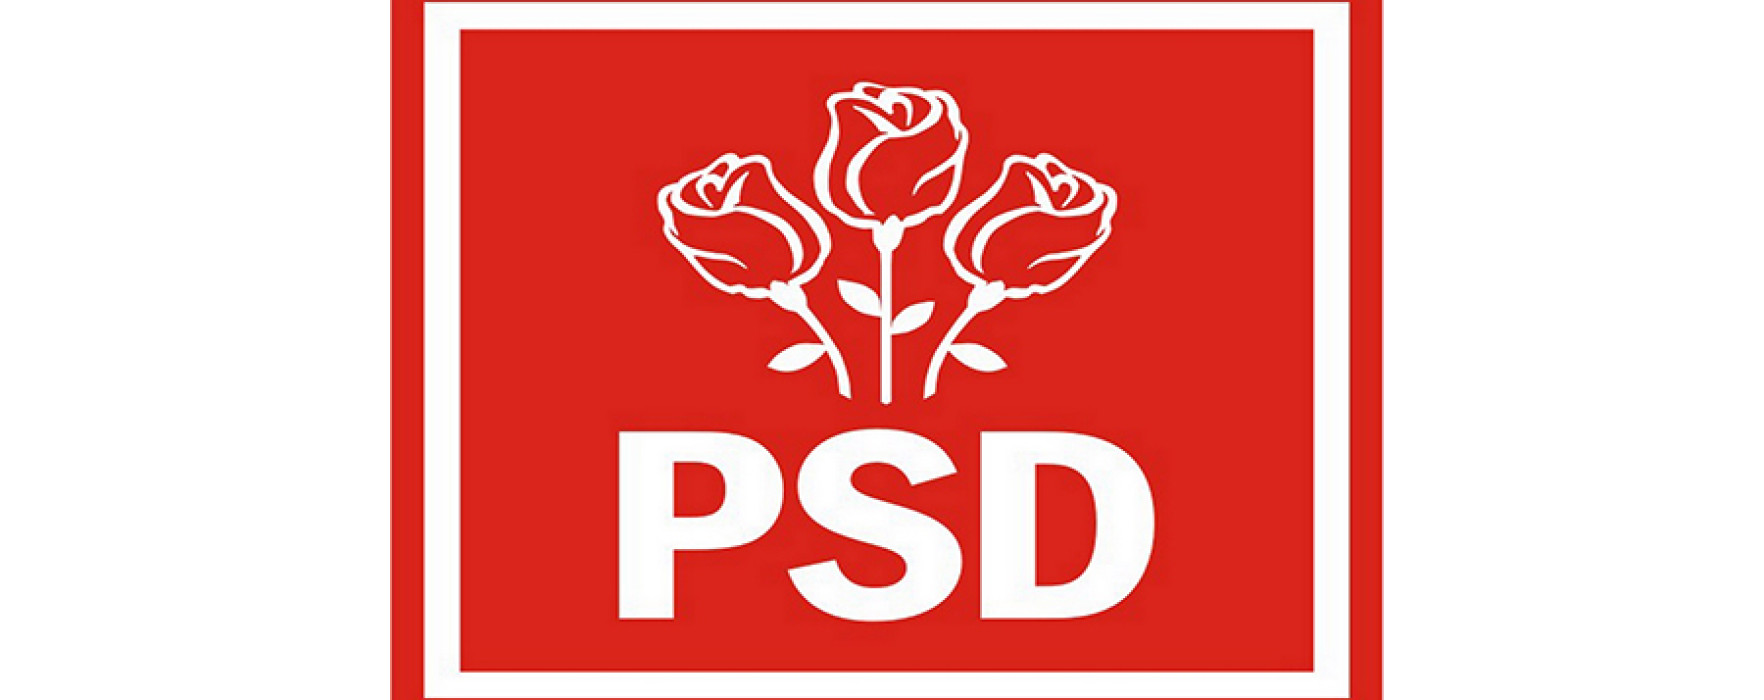 PSD Dâmboviţa, despre percheziţiile de la Cojasca: Sperăm că desfășurarea de forțe nu reprezintă o încercare de influențare a rezultatelor alegerilor